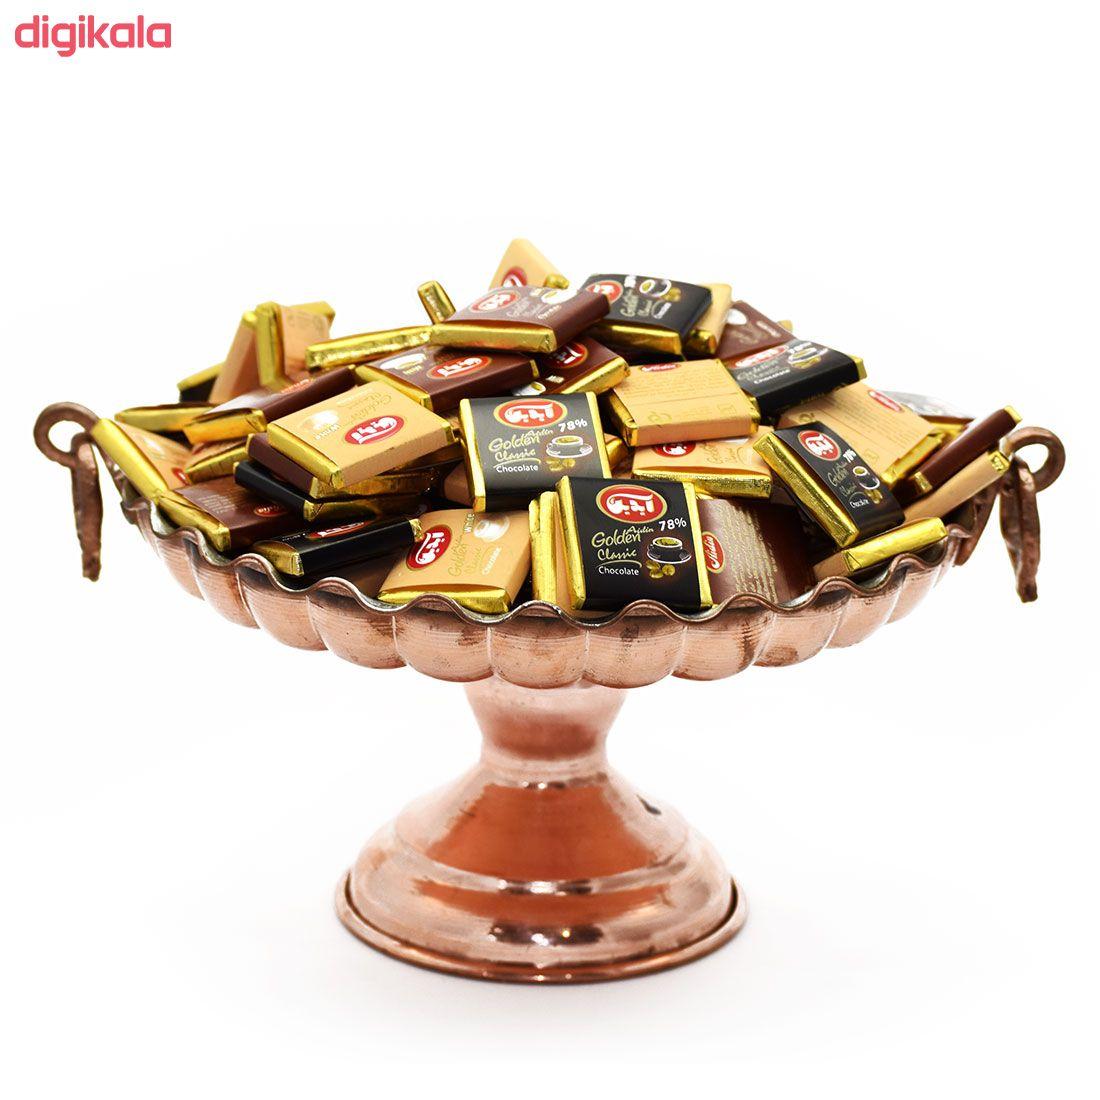 شکلات شیری سفید و تلخ گلدن آیدین - 200 گرم main 1 1